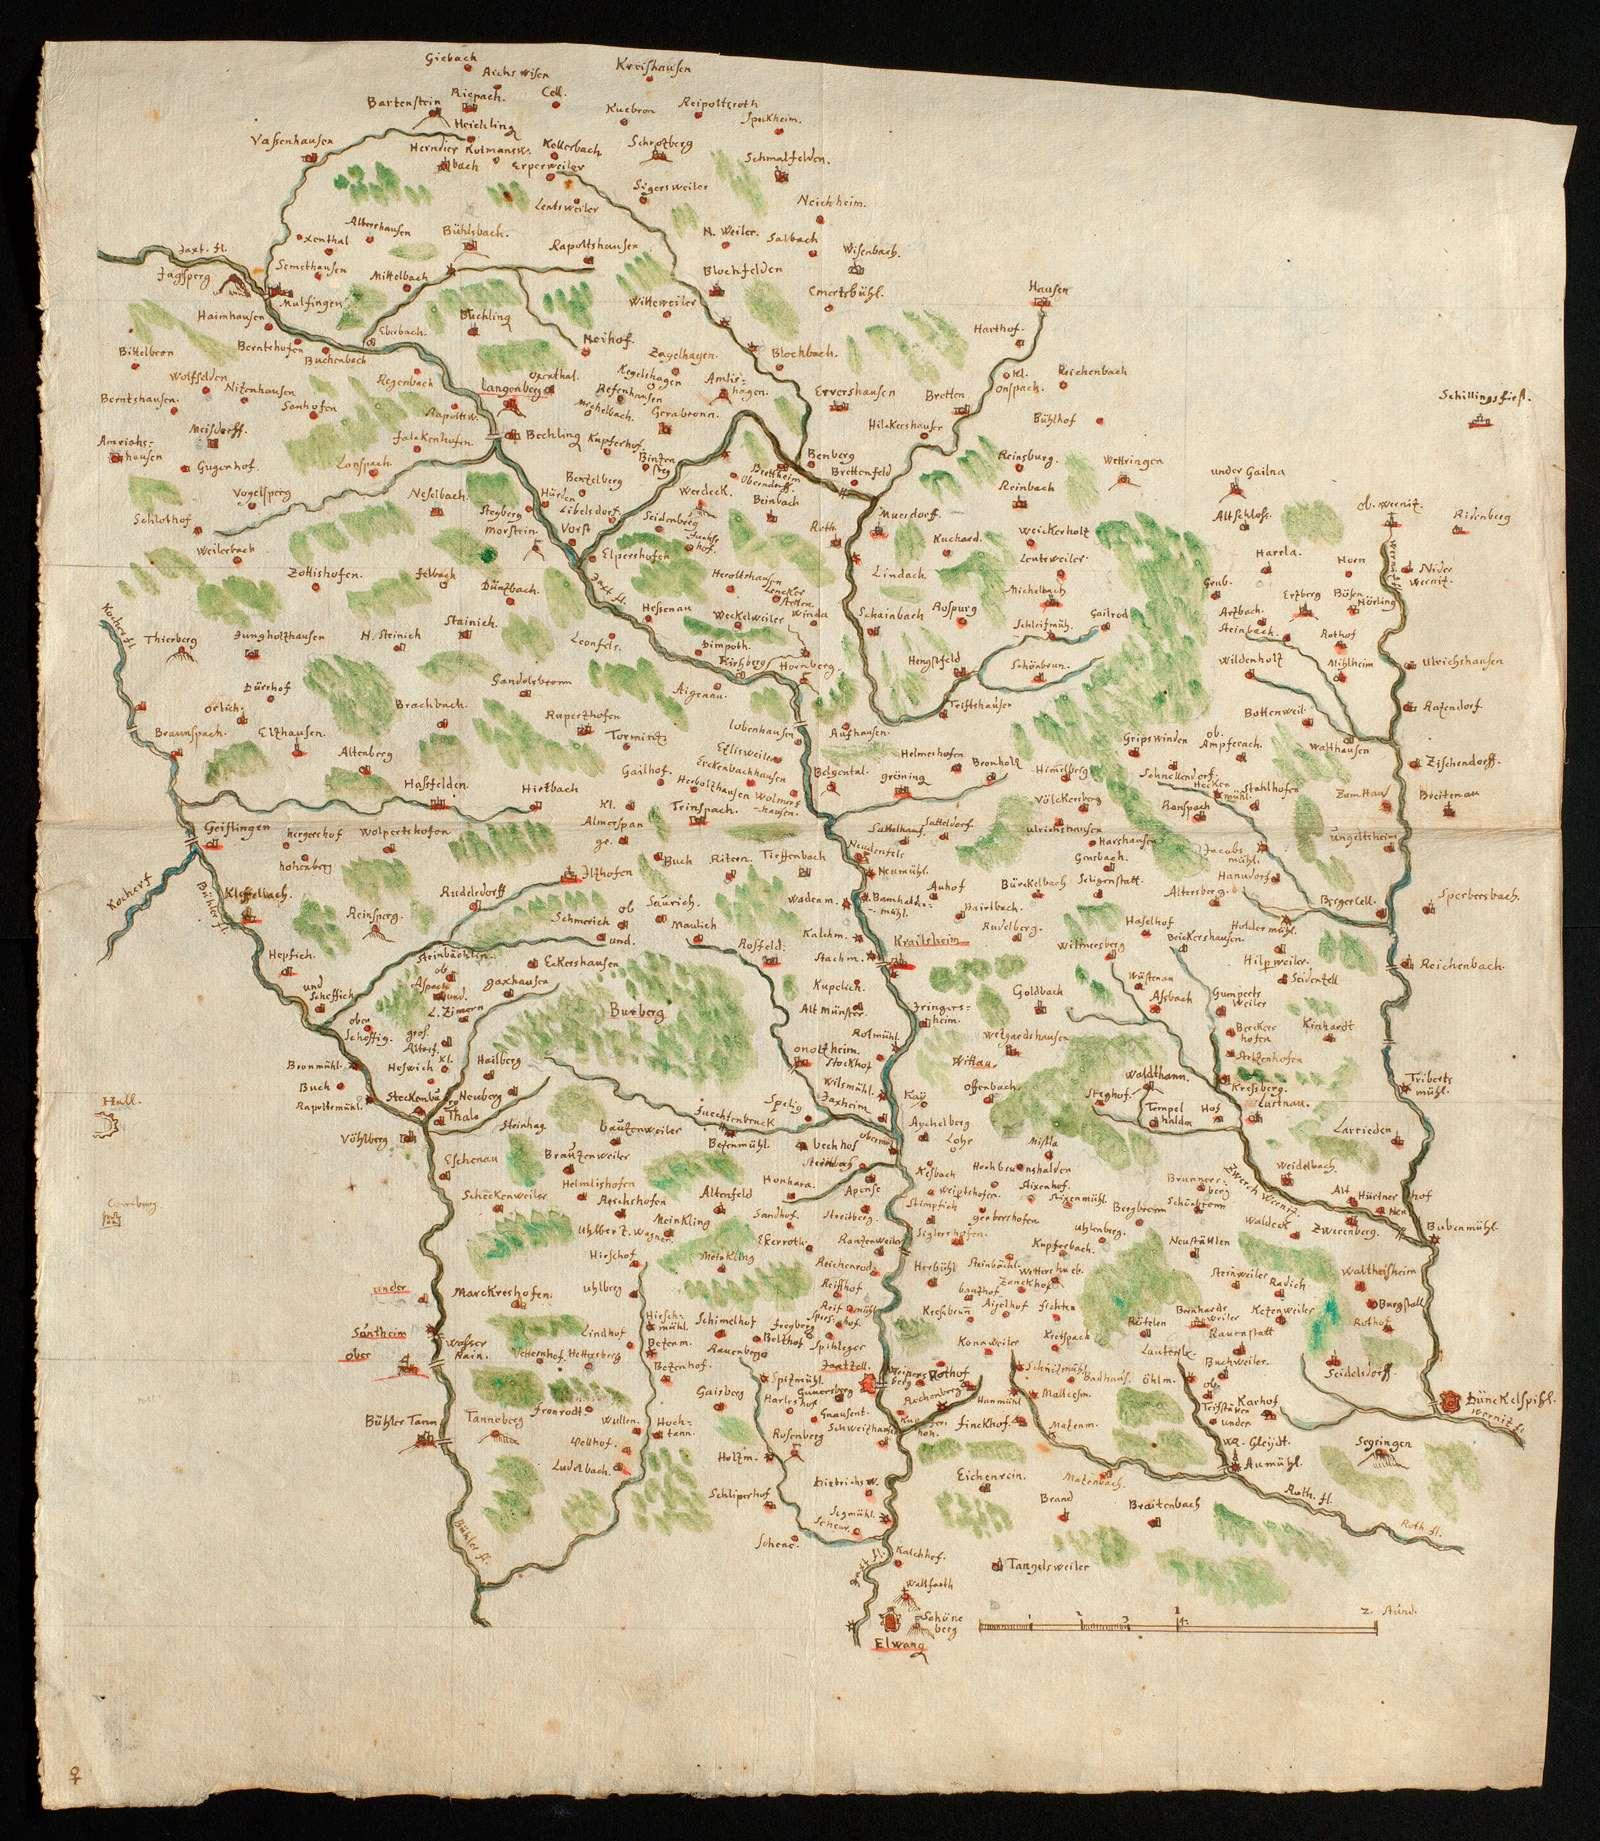 [Karte des Gebiets zwischen Bühler, Jagst und Wörnitz], Bild 1